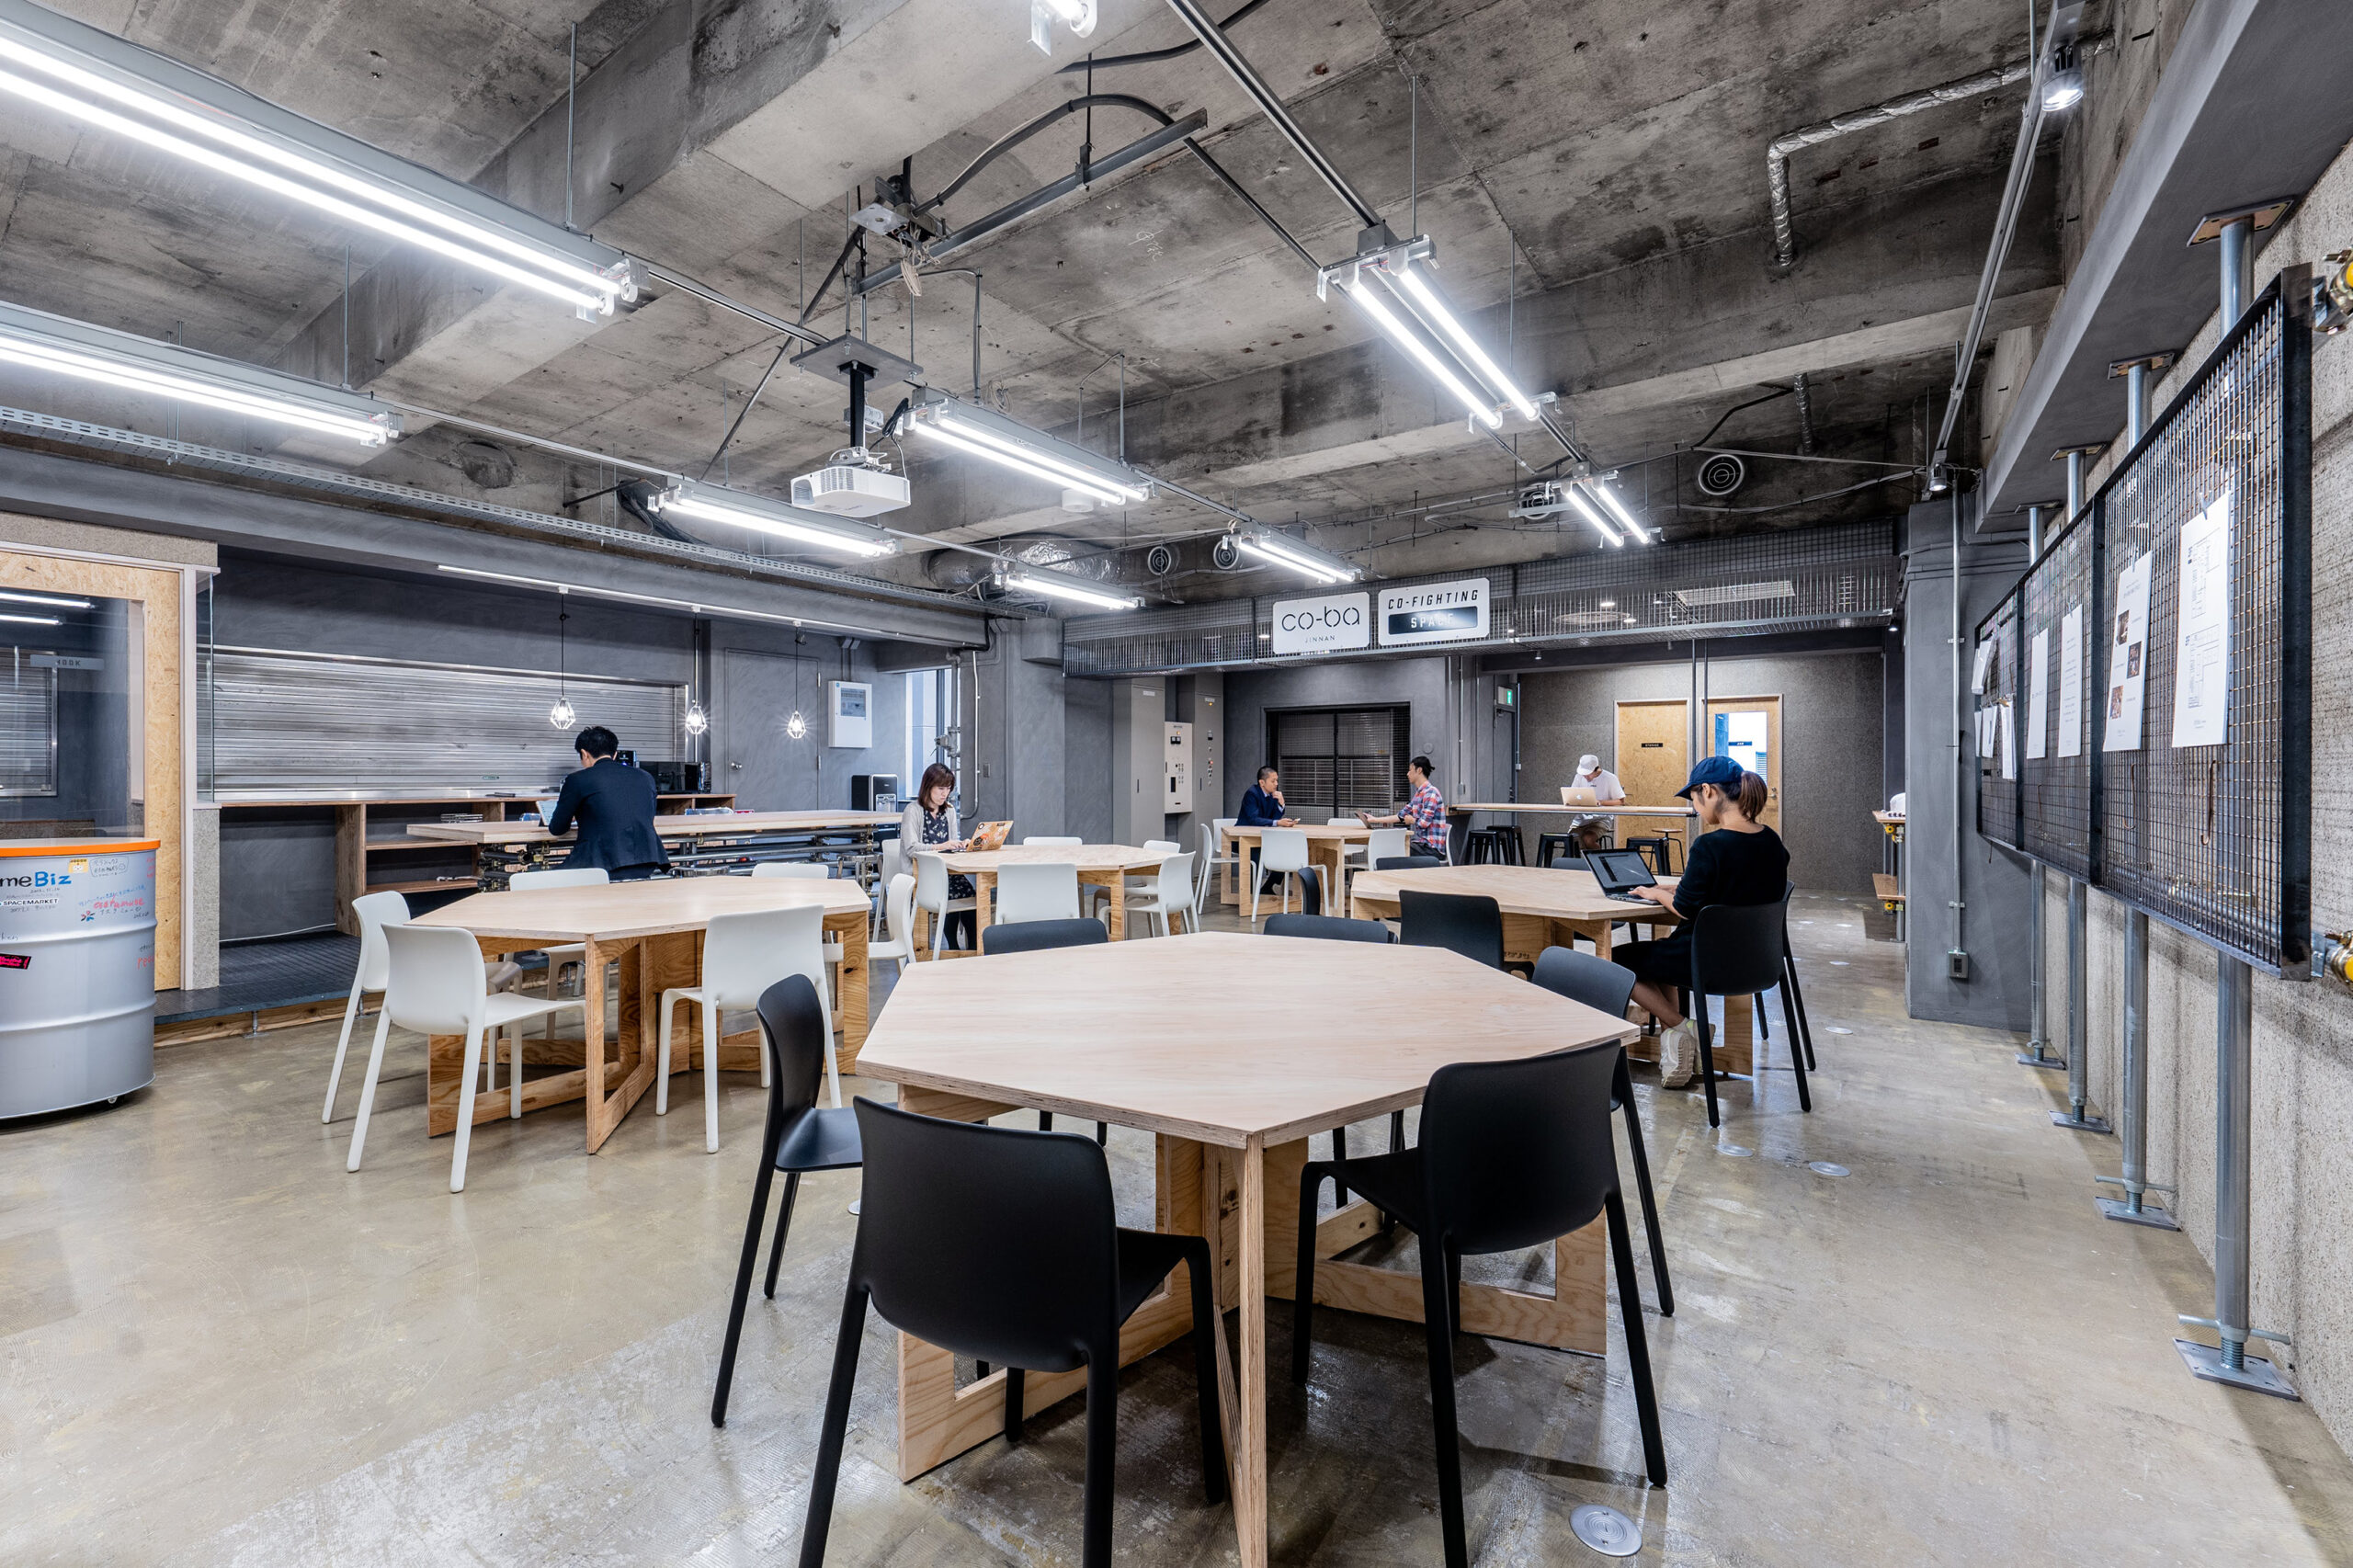 渋谷区がオープンイノベーション拠点ー官民連携で 「Shibuya Inclusion Base Jinnan」4月開業